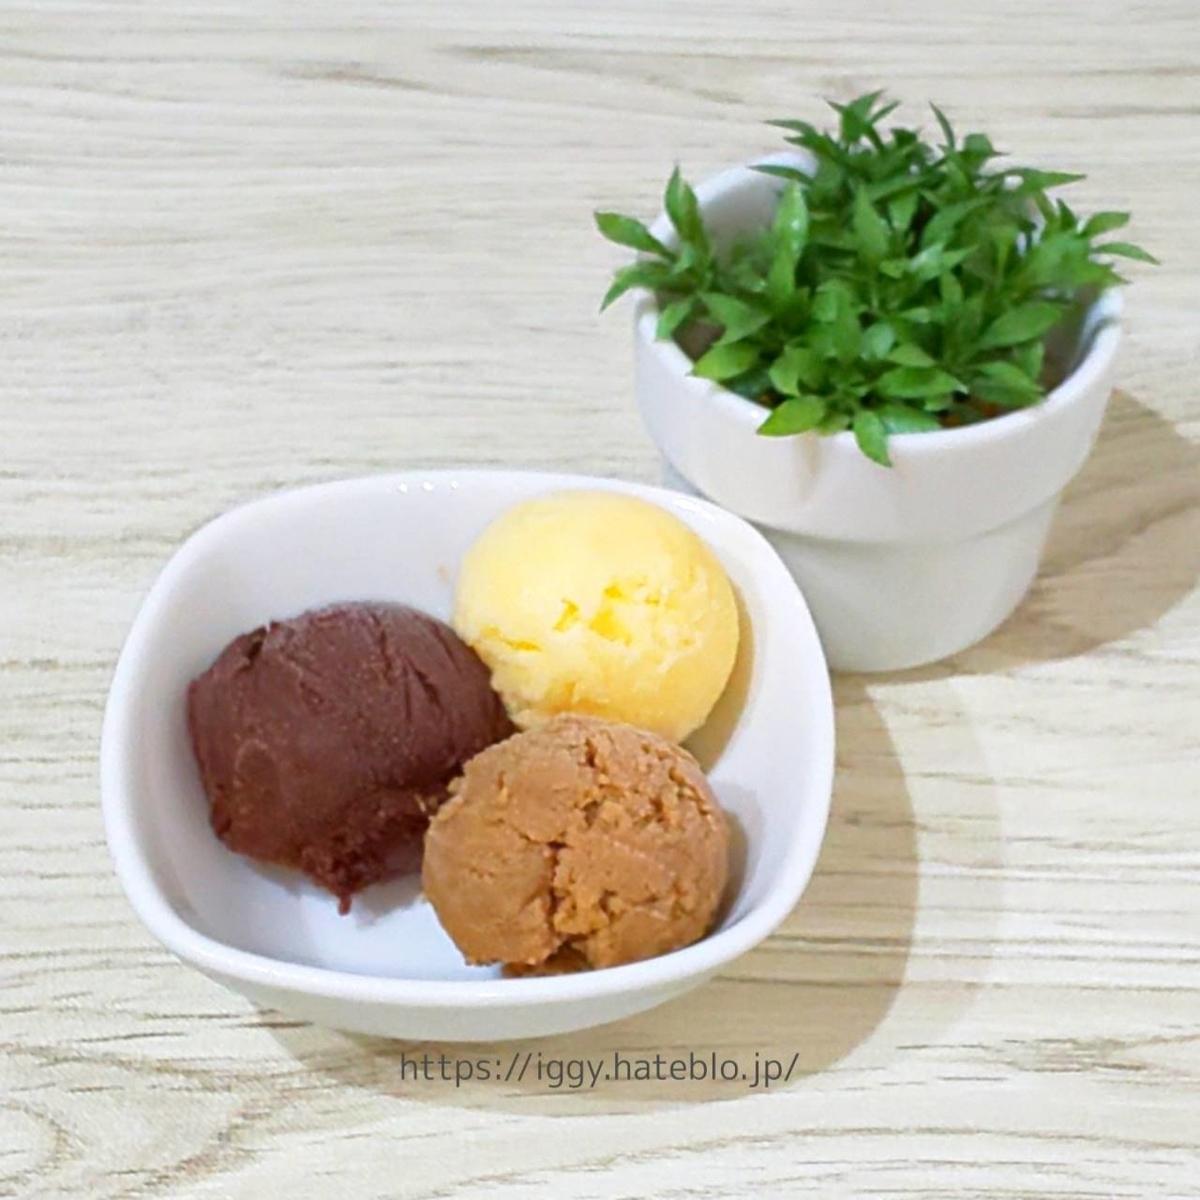 簡単手作りアイスクリーム3種(ミルク・コーヒー・ココア) LIFE